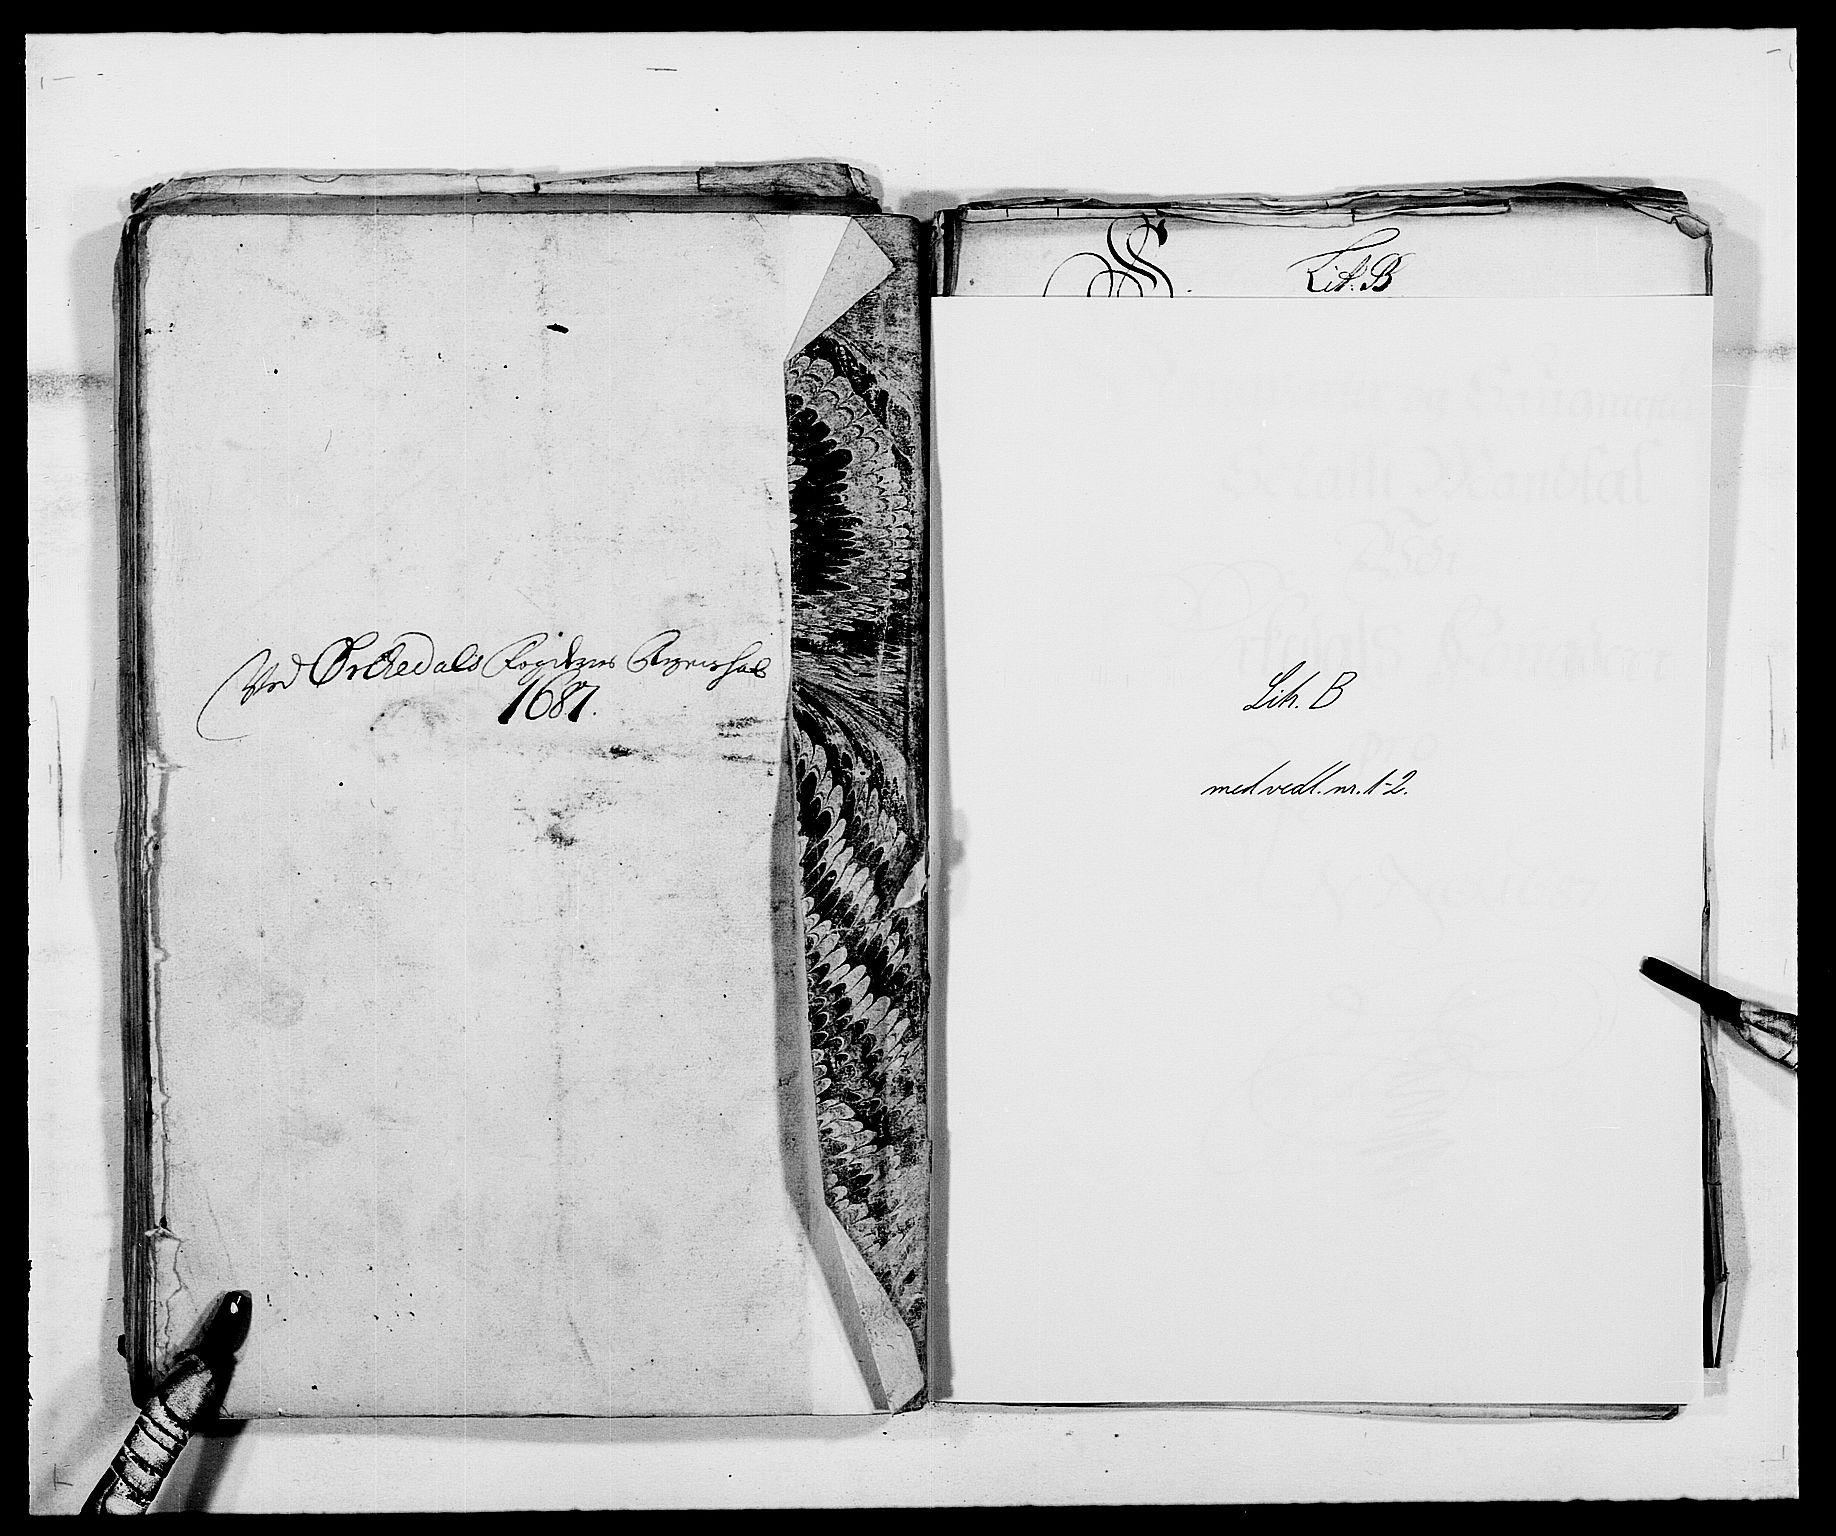 RA, Rentekammeret inntil 1814, Reviderte regnskaper, Fogderegnskap, R58/L3935: Fogderegnskap Orkdal, 1687-1688, s. 60